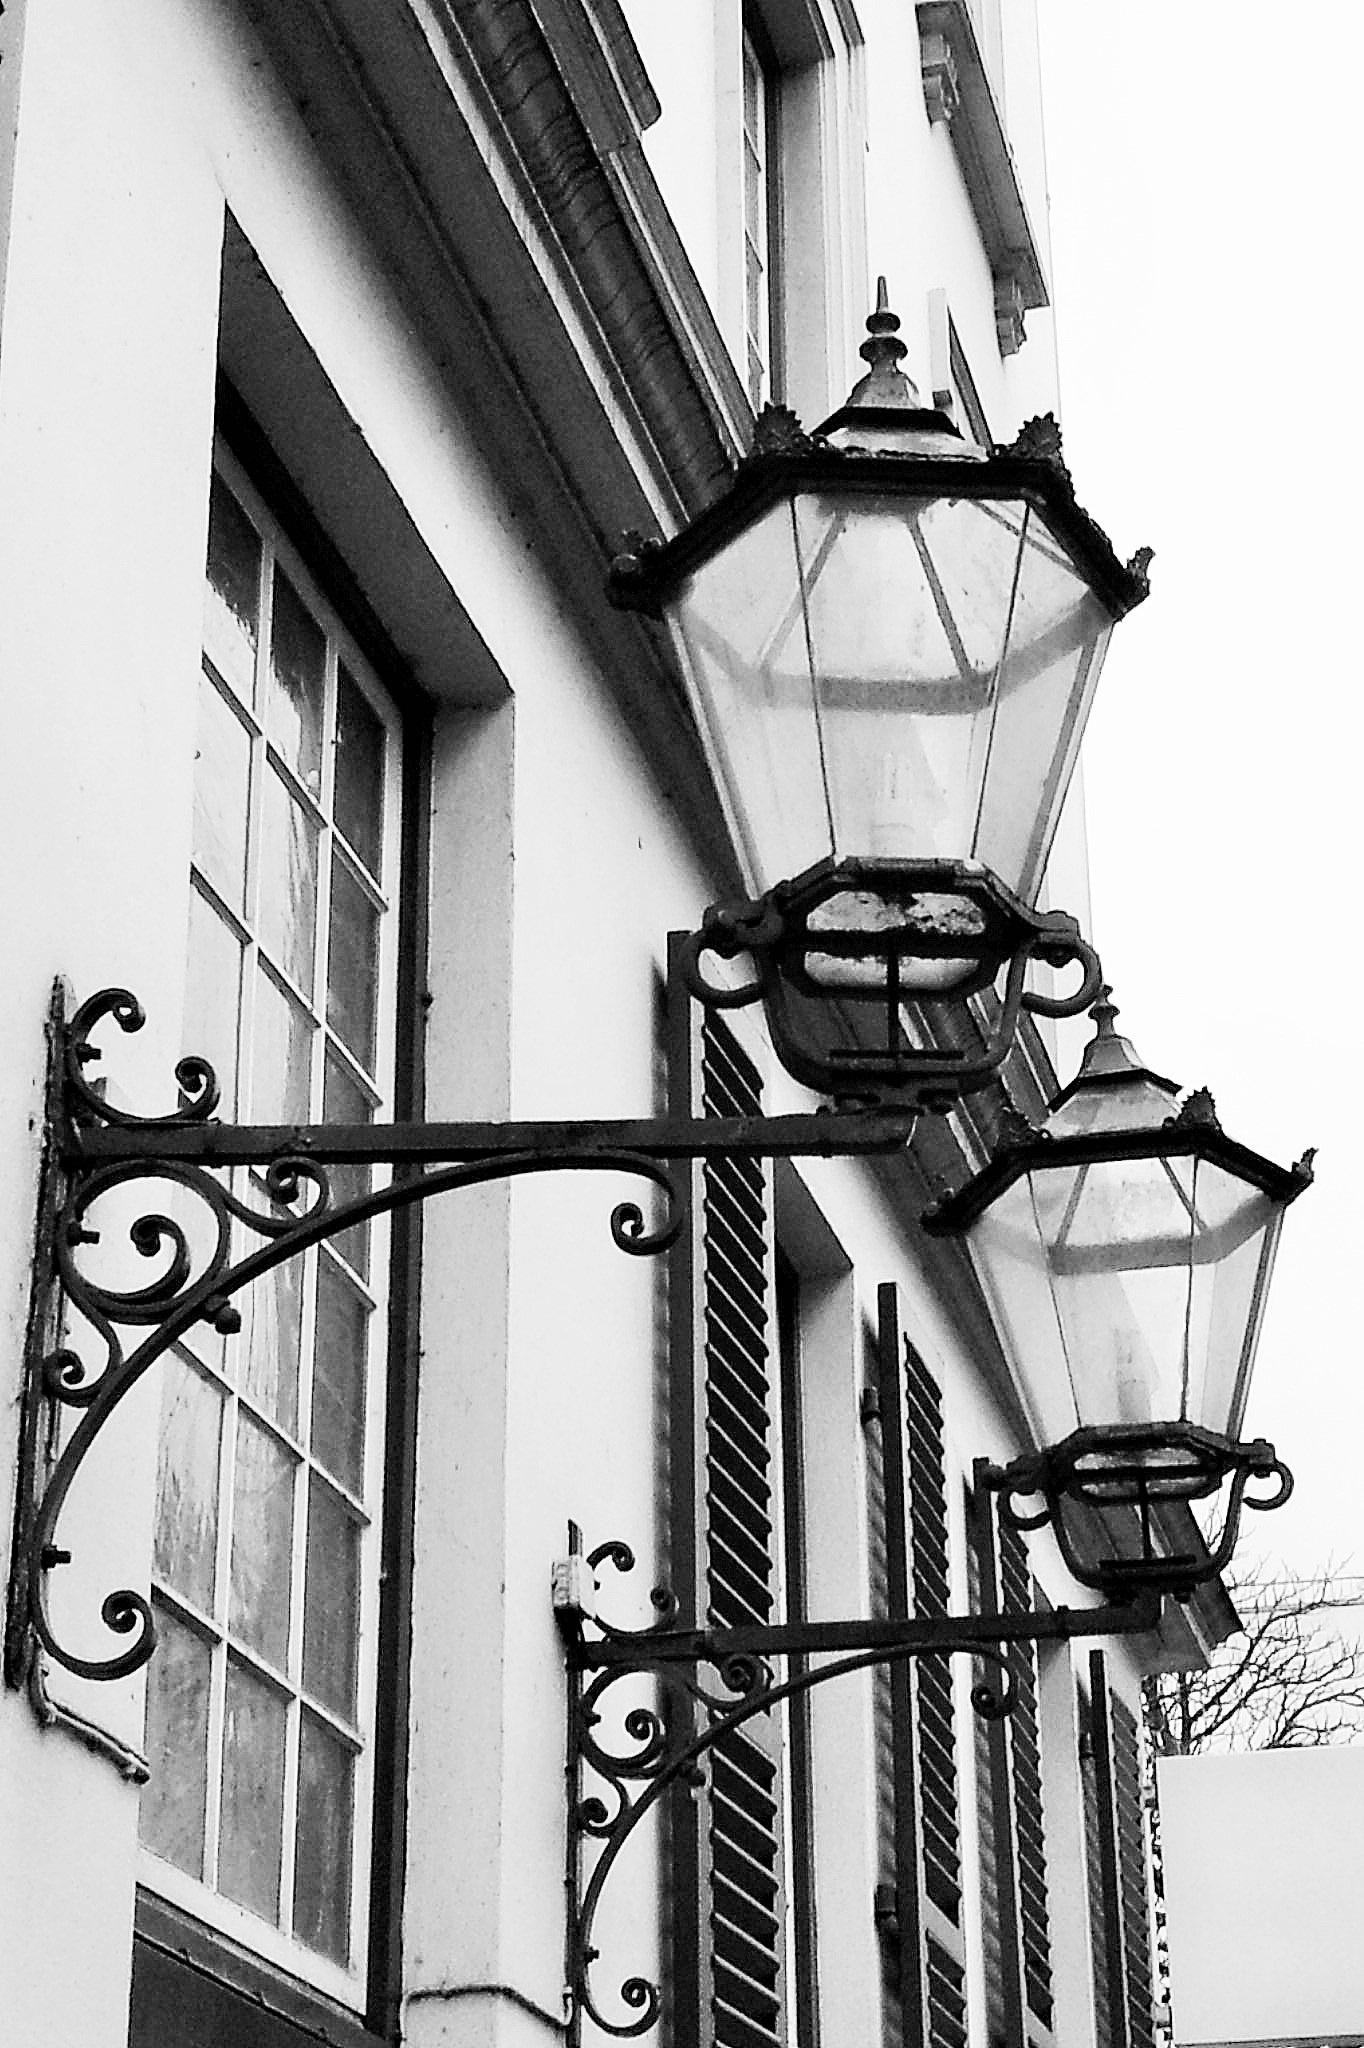 Gambar Hitam Dan Putih Arsitektur Antik Jendela Bangunan Tua